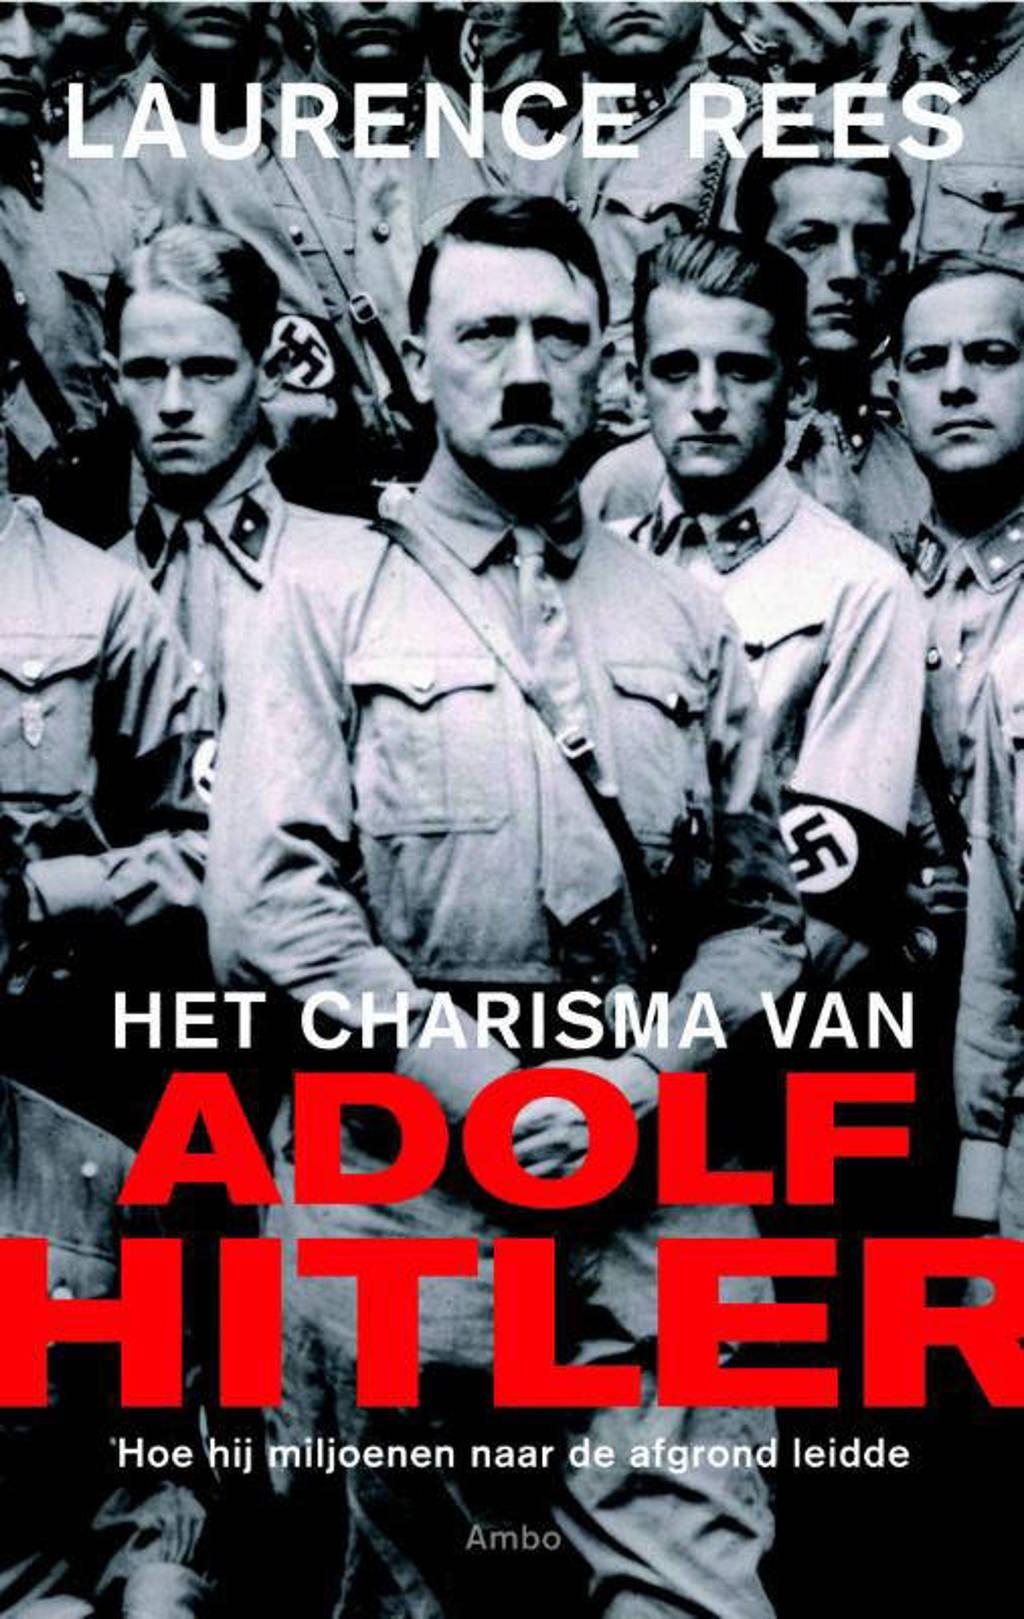 Het charisma van Adolf Hitler - Laurence Rees